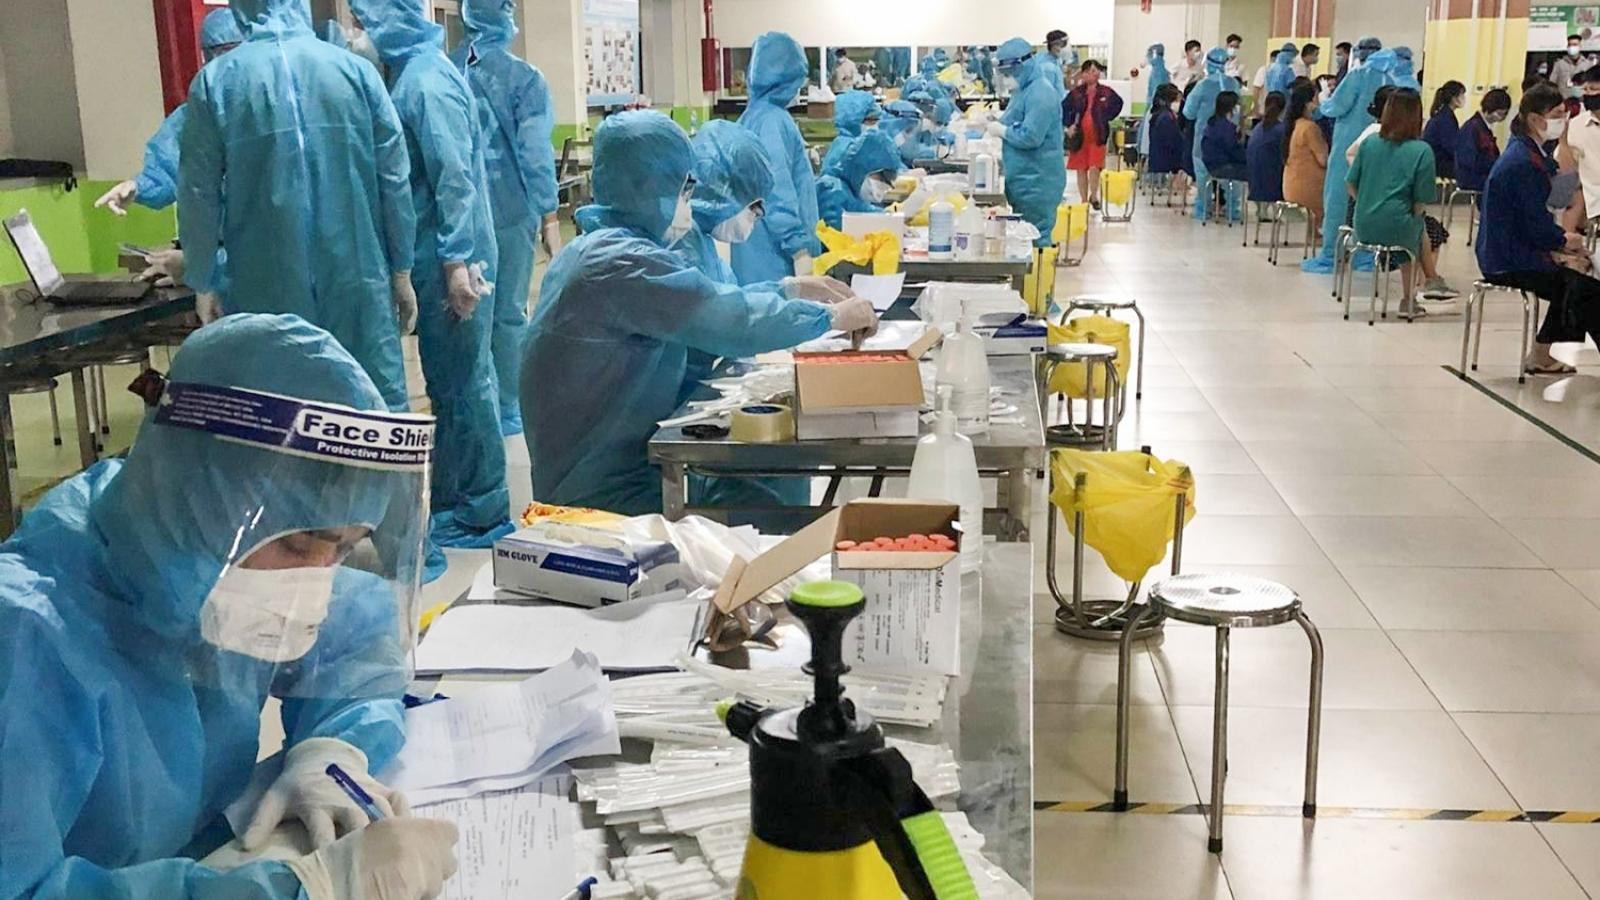 Quảng Ninh hỗ trợ Bắc Giang xét nghiệm hơn 30.000 mẫu bệnh phẩm